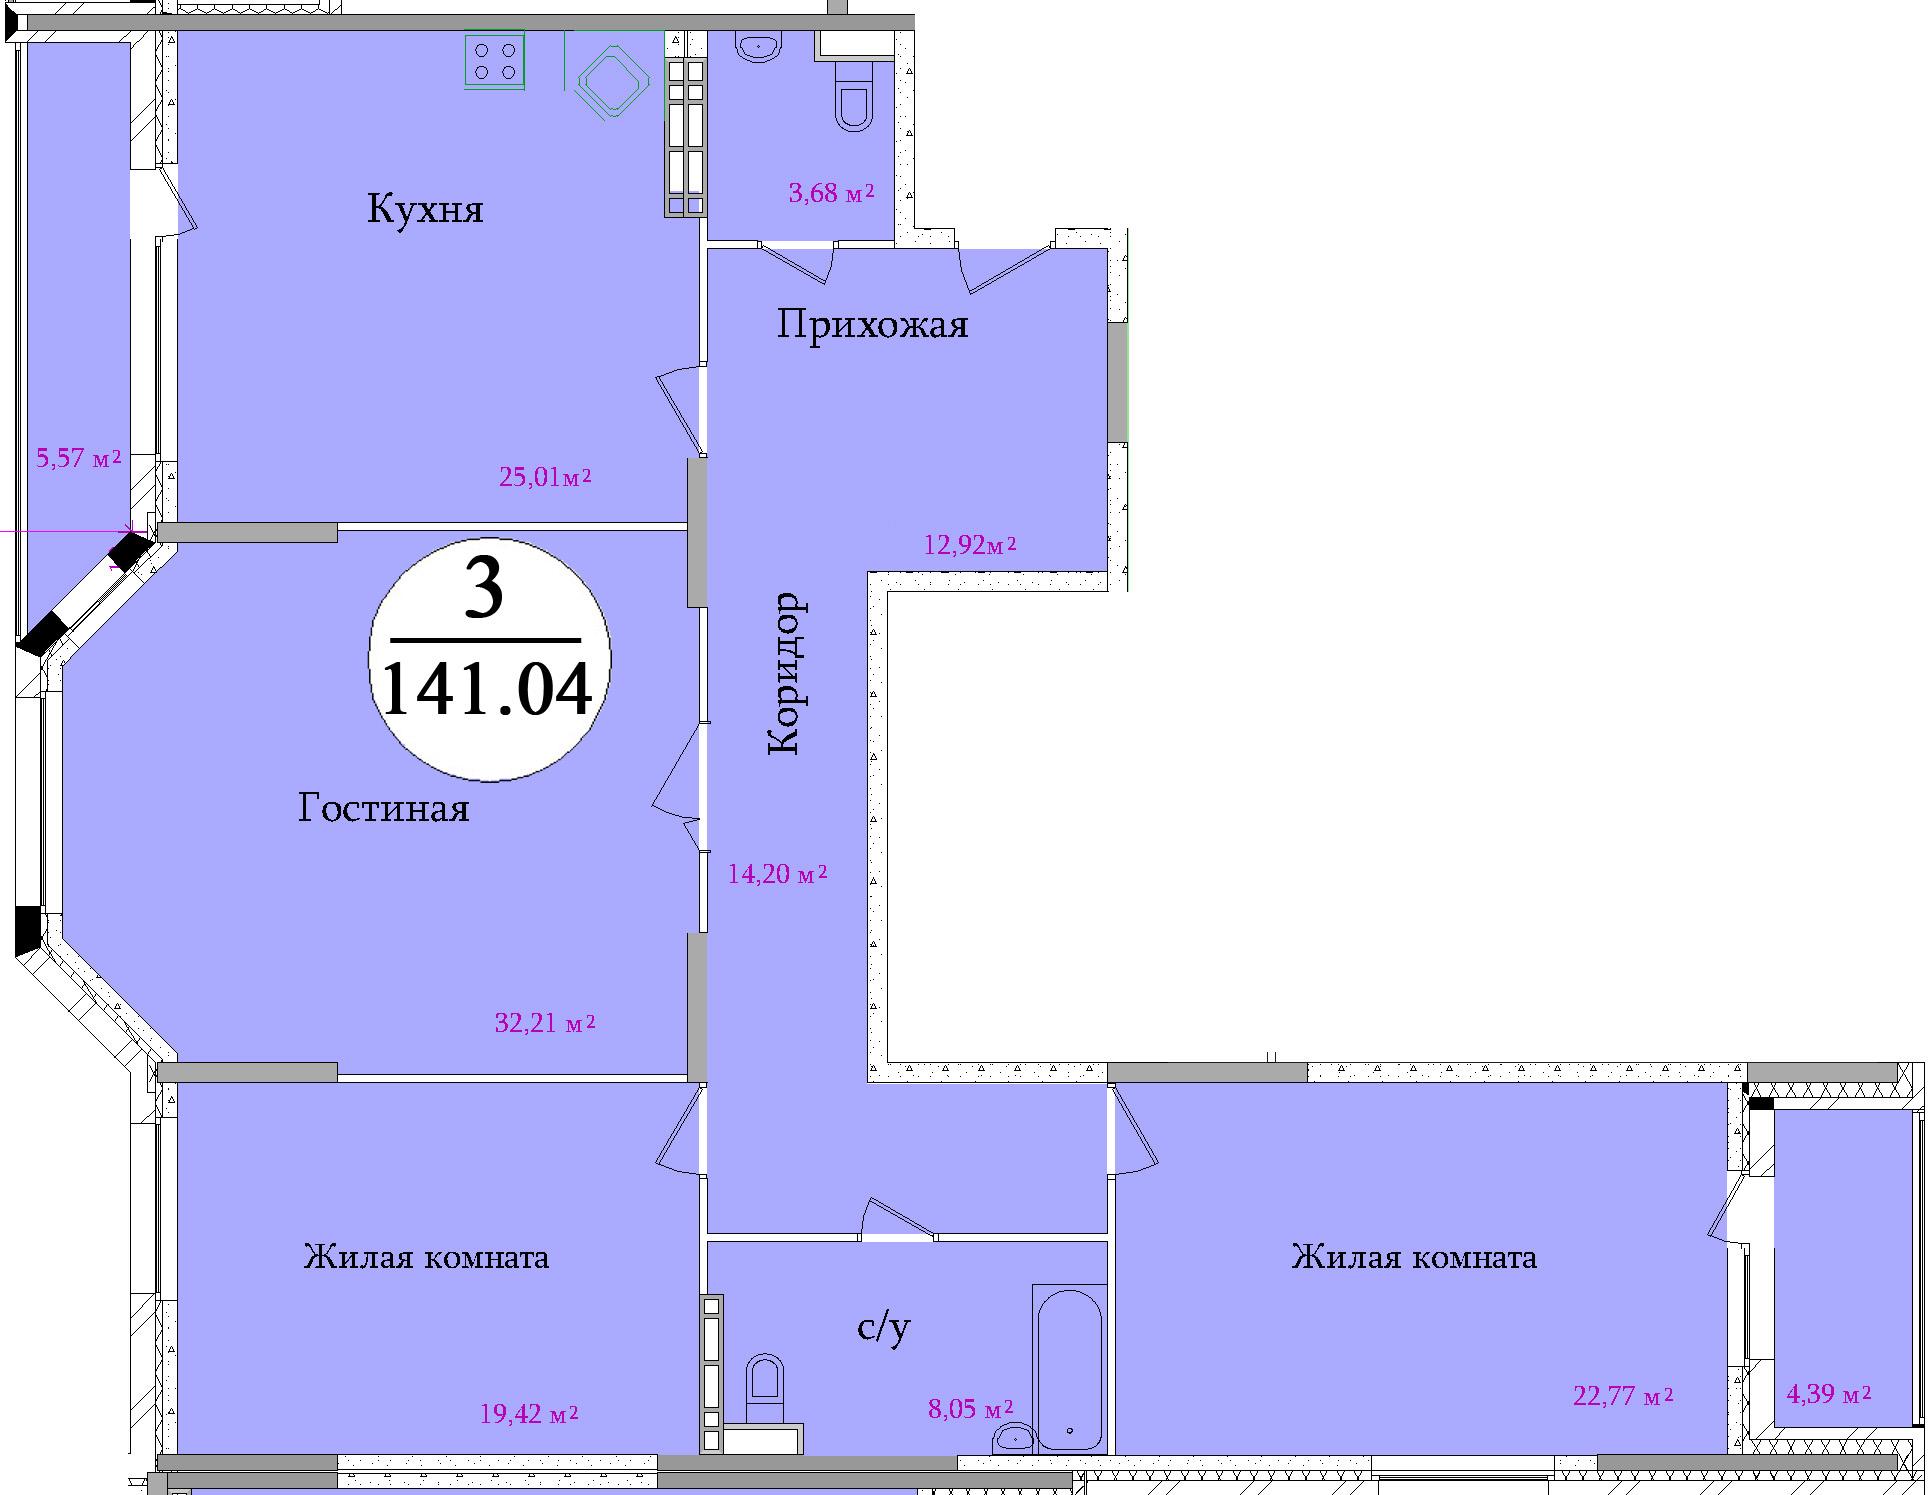 Планировка трехкомнатной квартиры площадью 141,04 м2 ЖК НА ПЕРВОМАЙСКОЙ по улице Первомайская в городе Туле